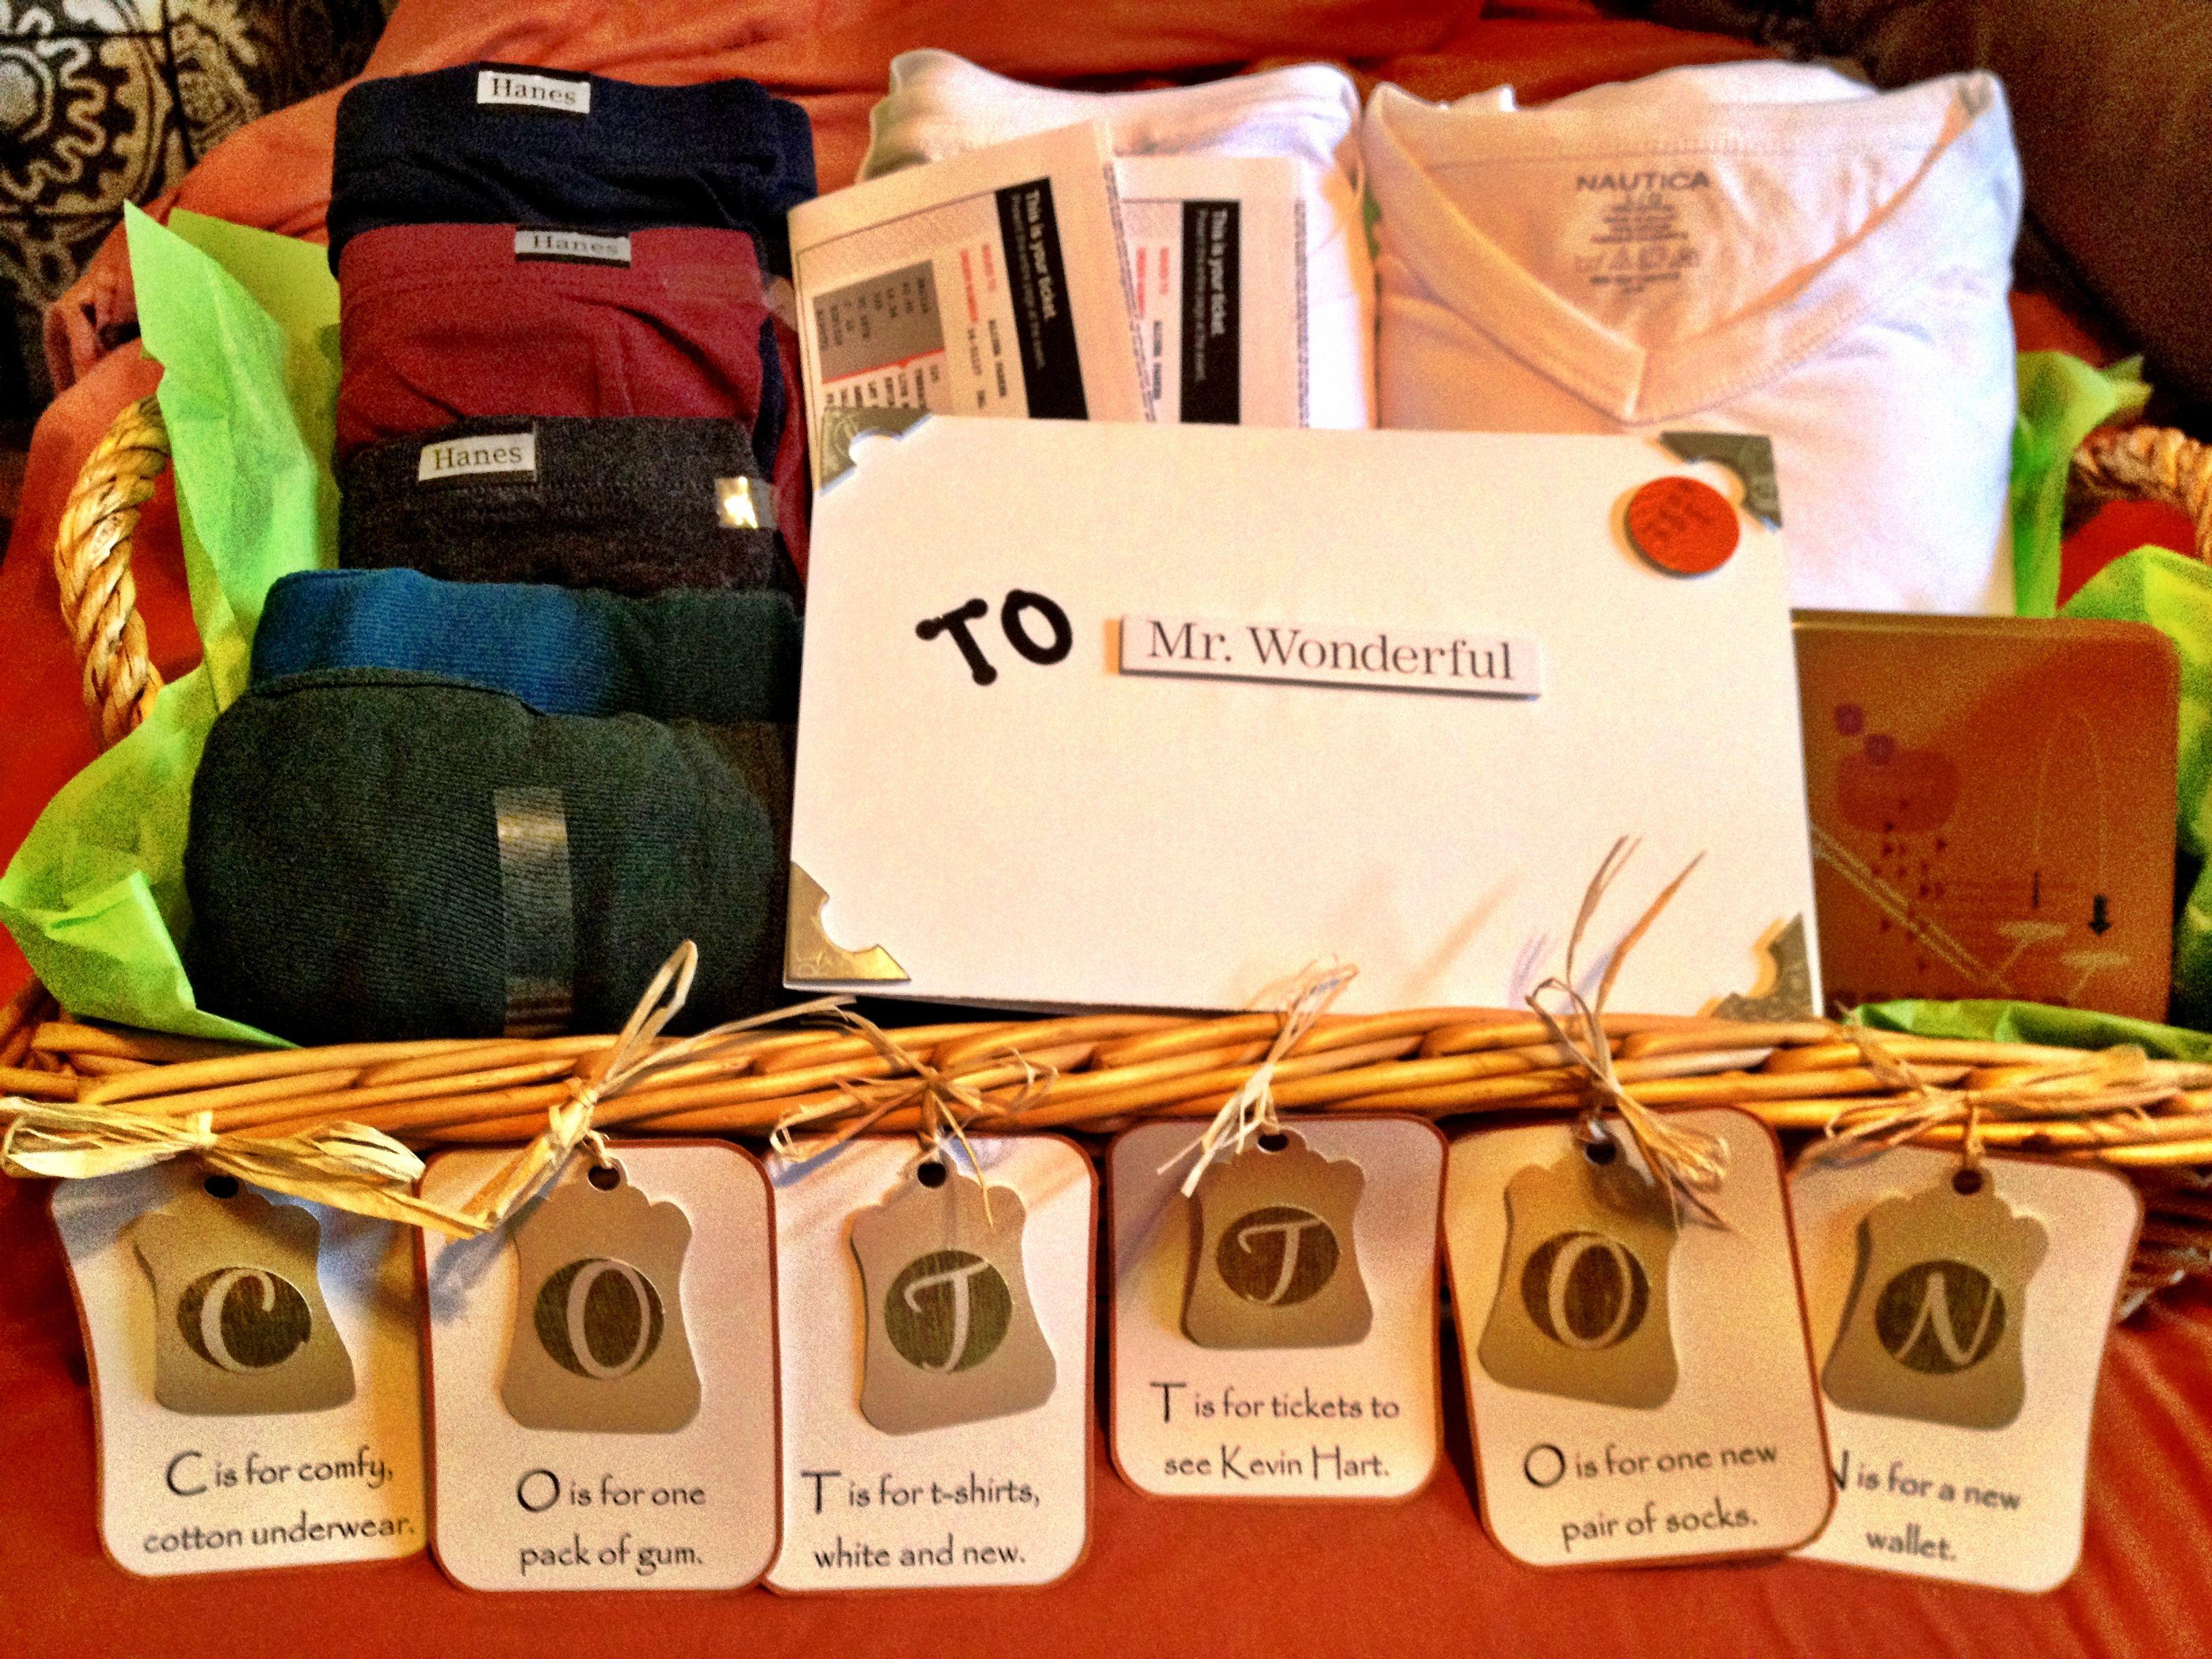 Best 25 Cotton anniversary ideas on Pinterest  Cotton anniversary gifts 2nd anniversary